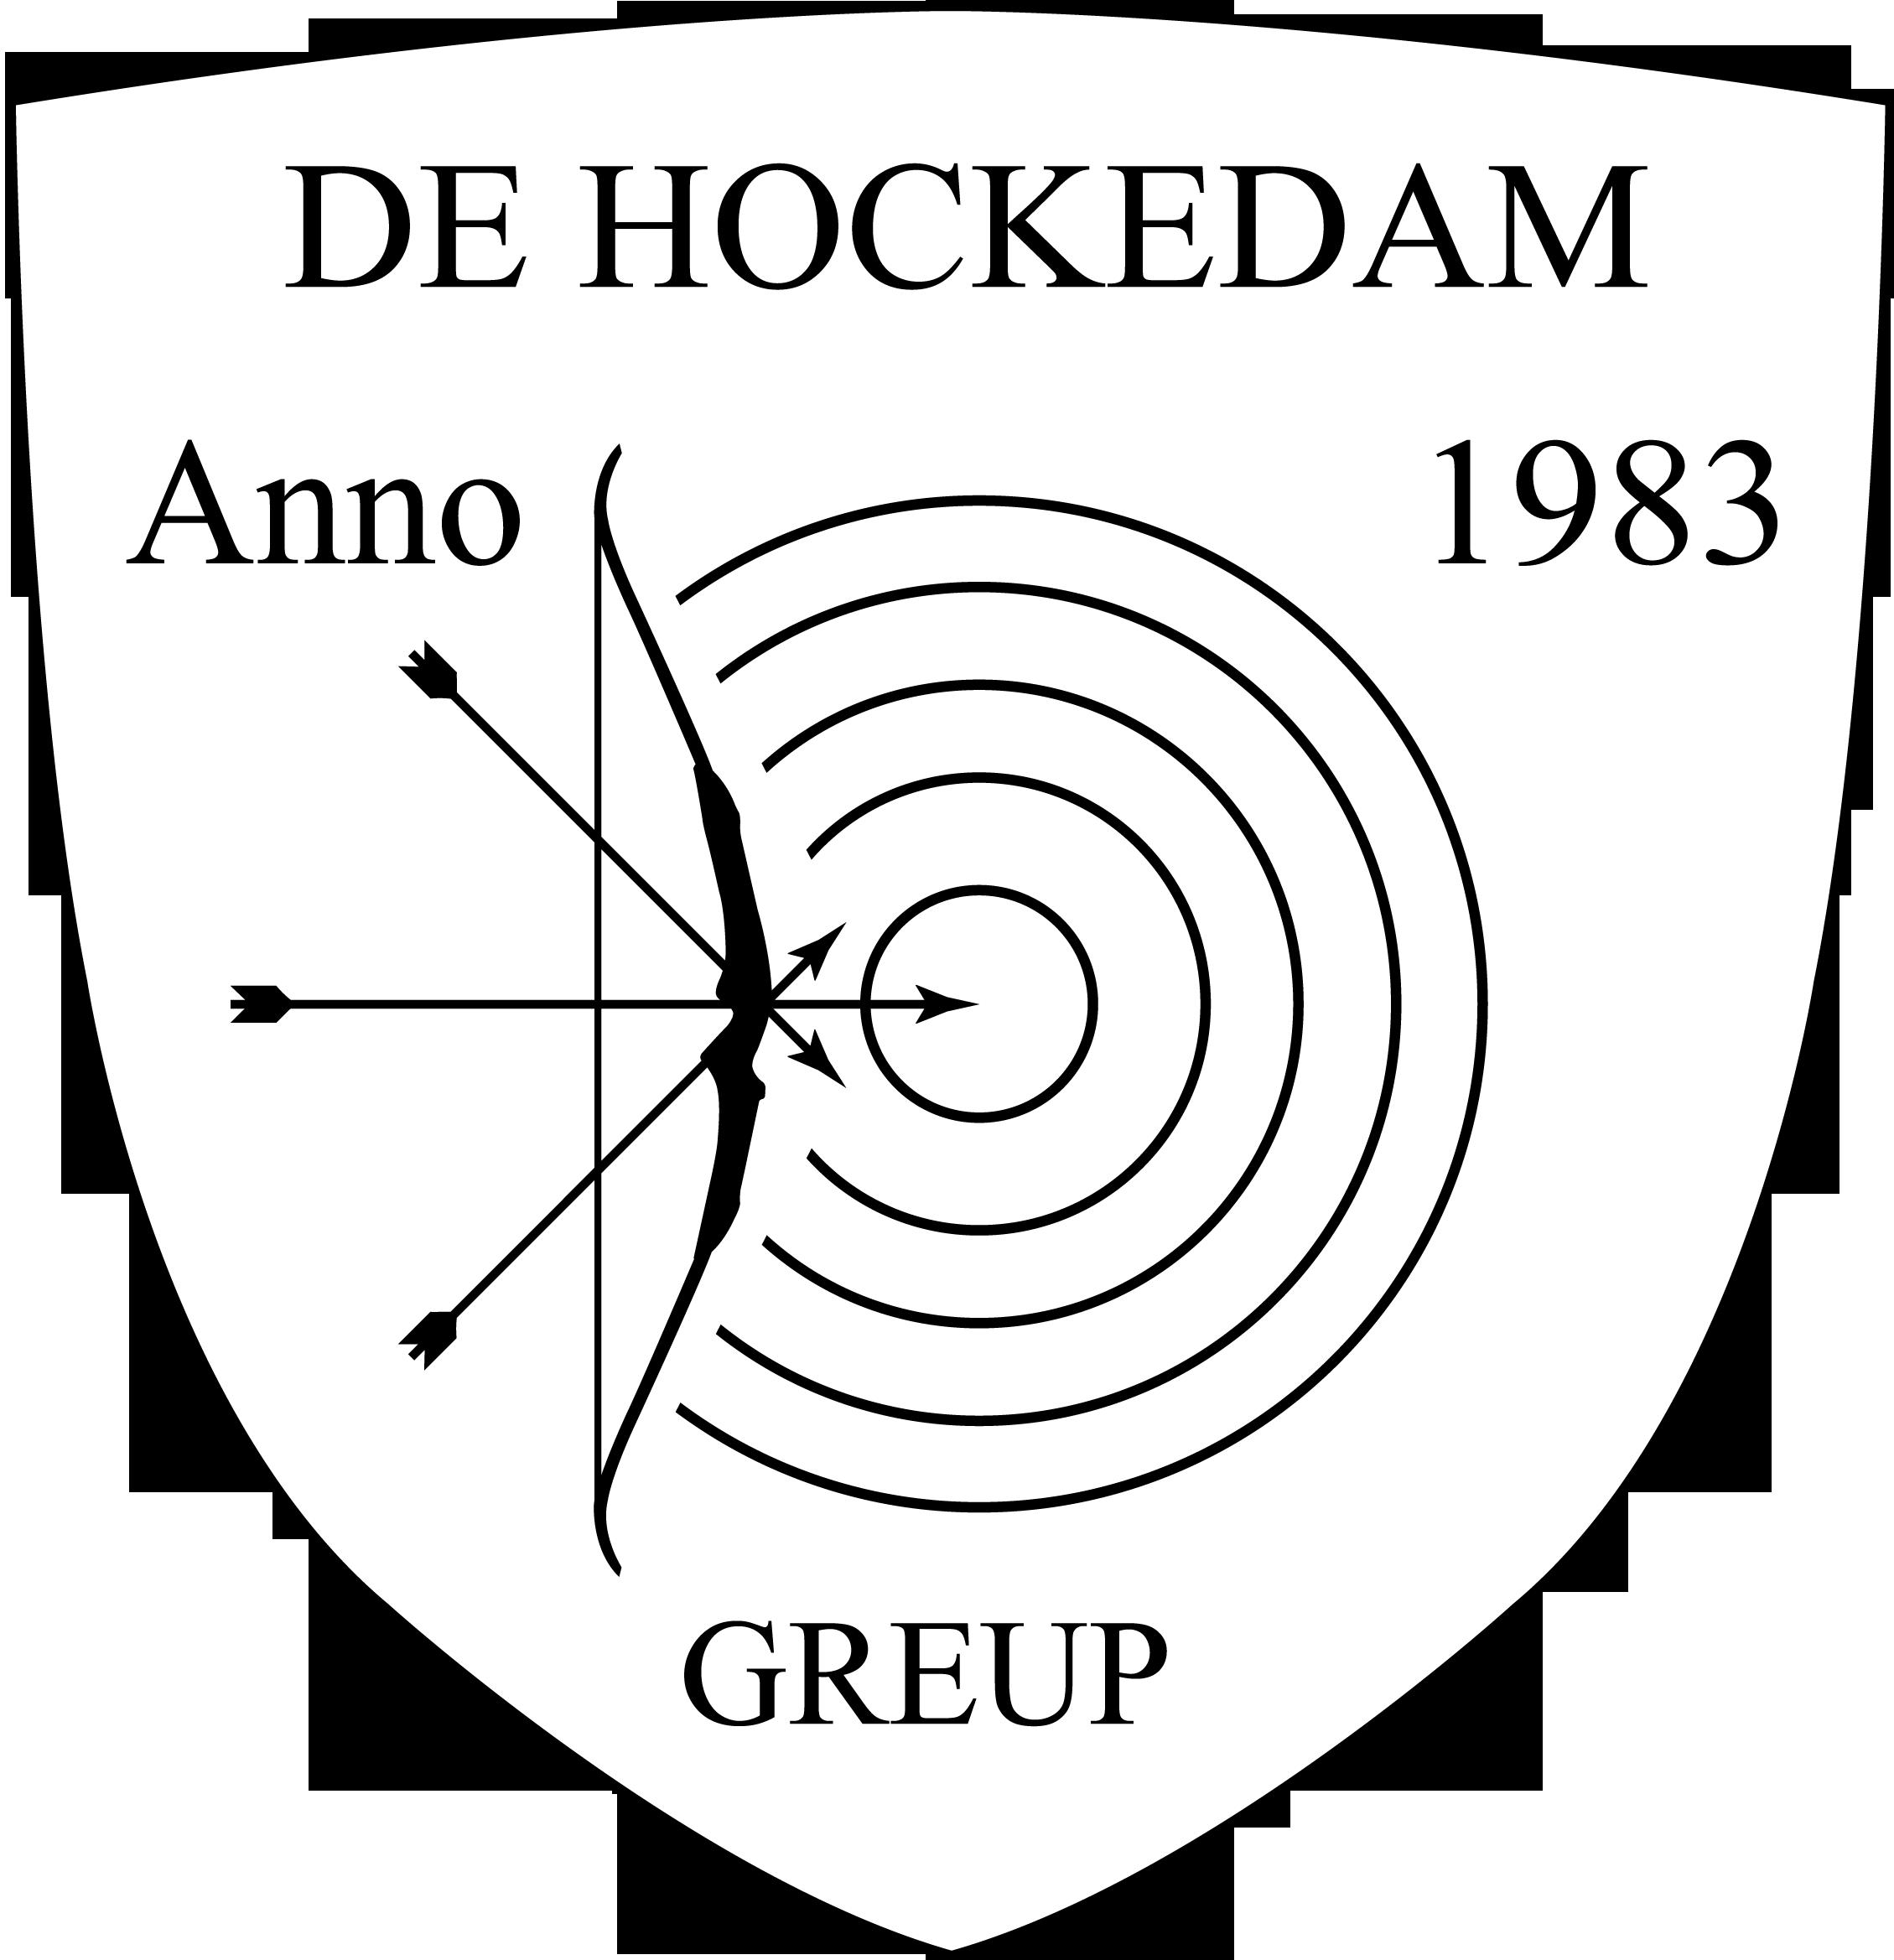 Hockedam logo